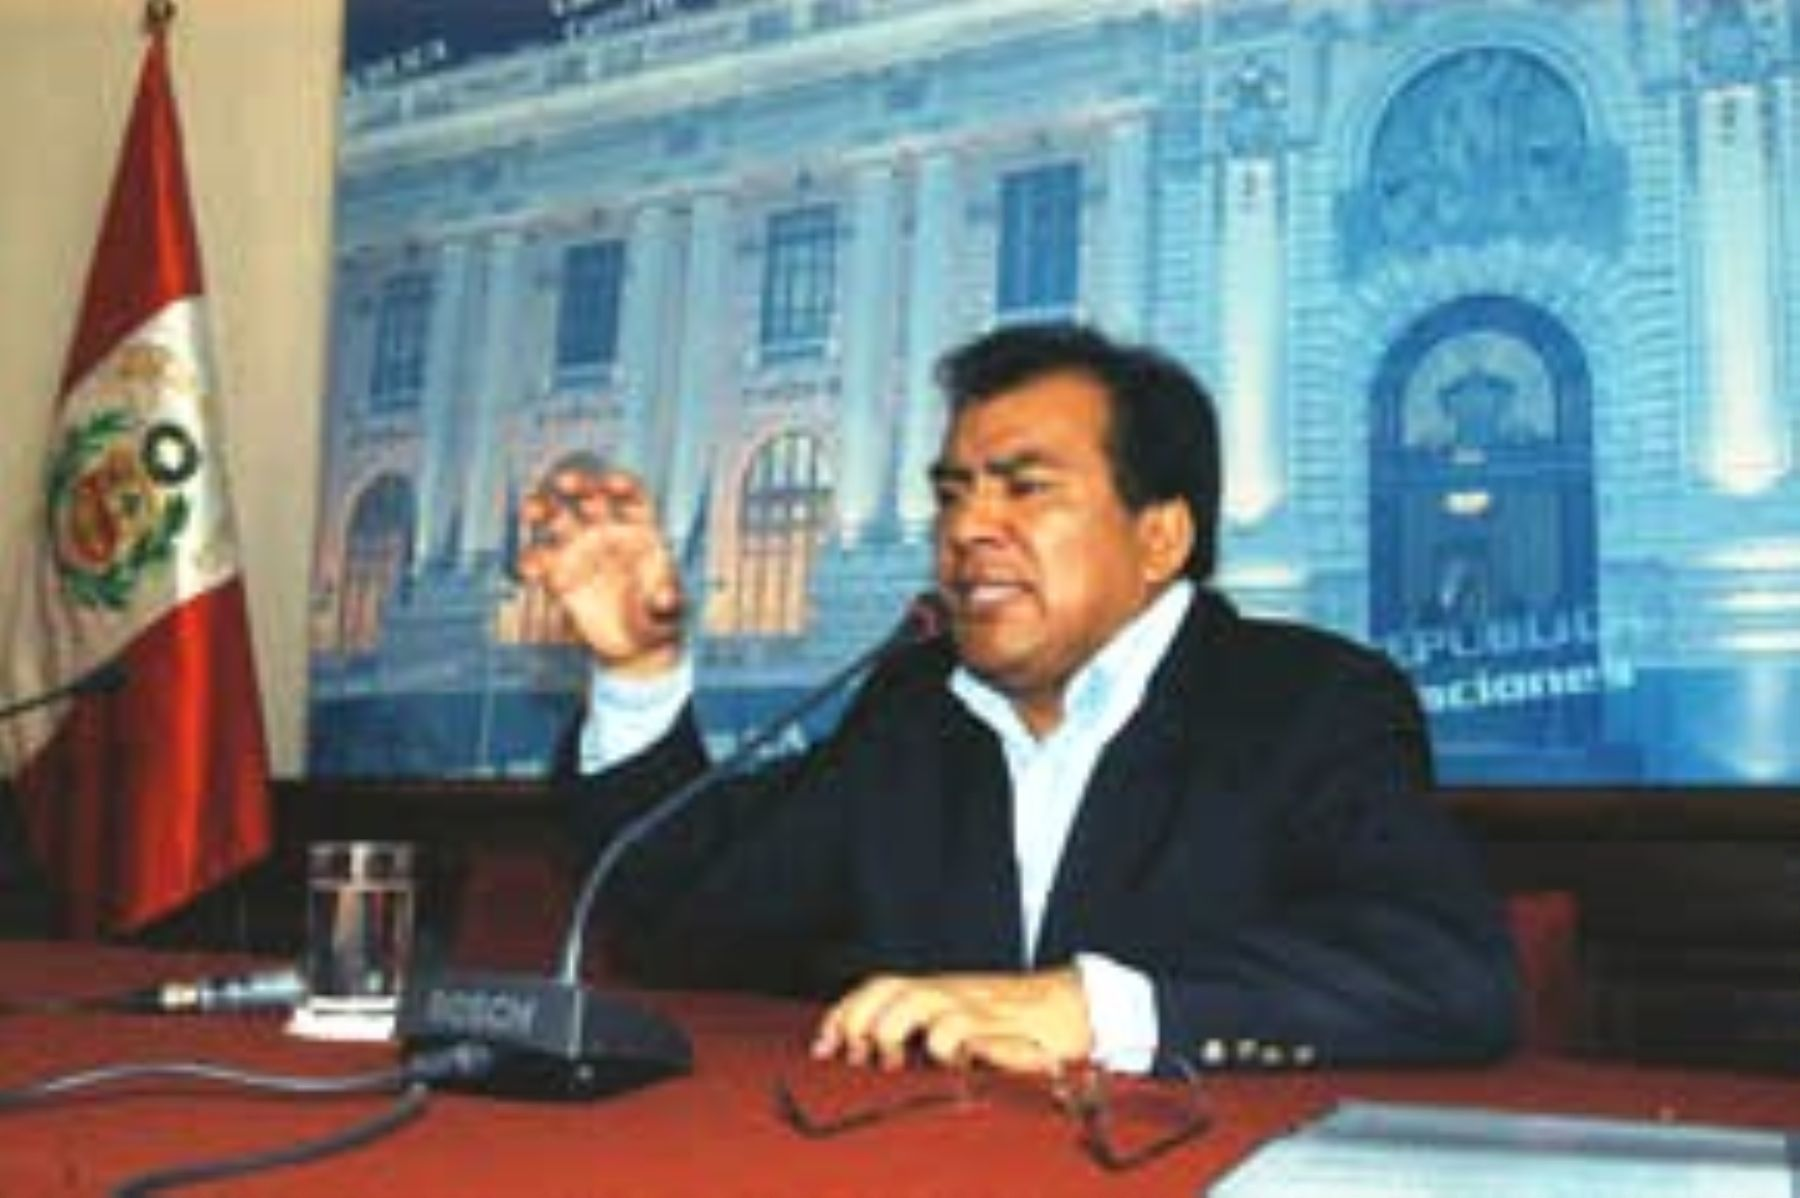 El presidente del Congreso de la República Javier Velásquez Quesquén.Foto: ANDINA/CDR.